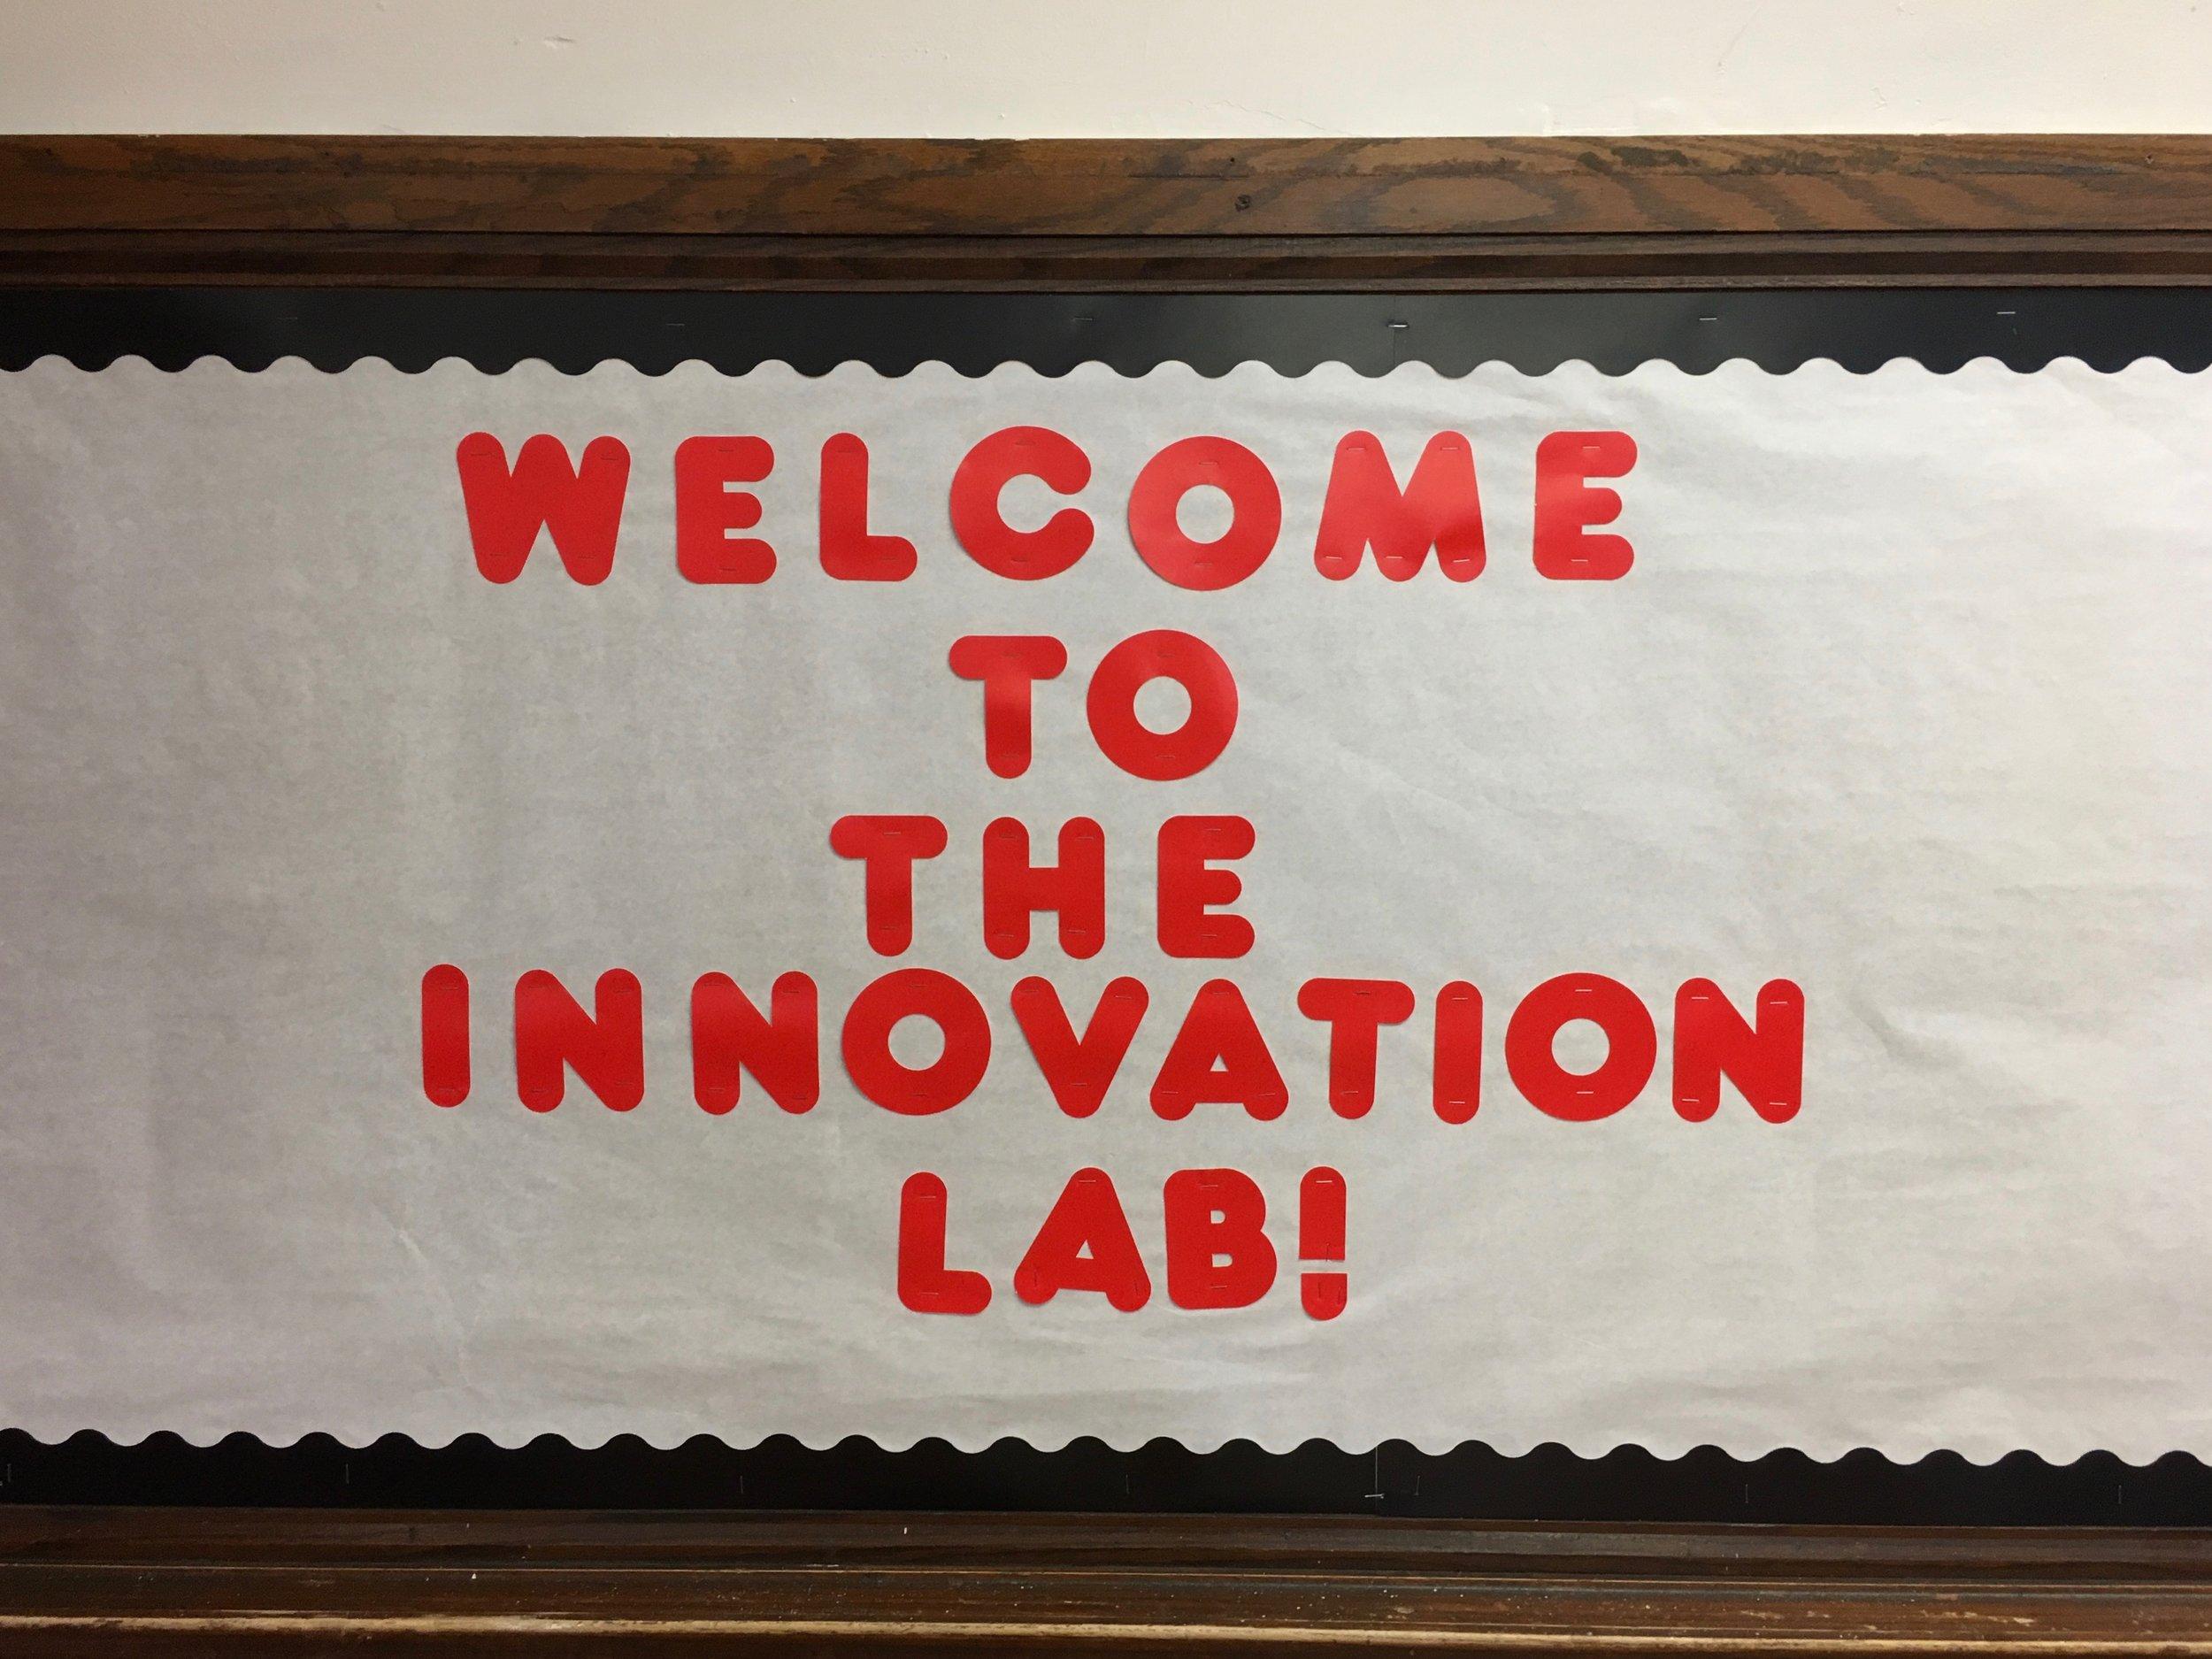 Innovation Lab 2.jpg